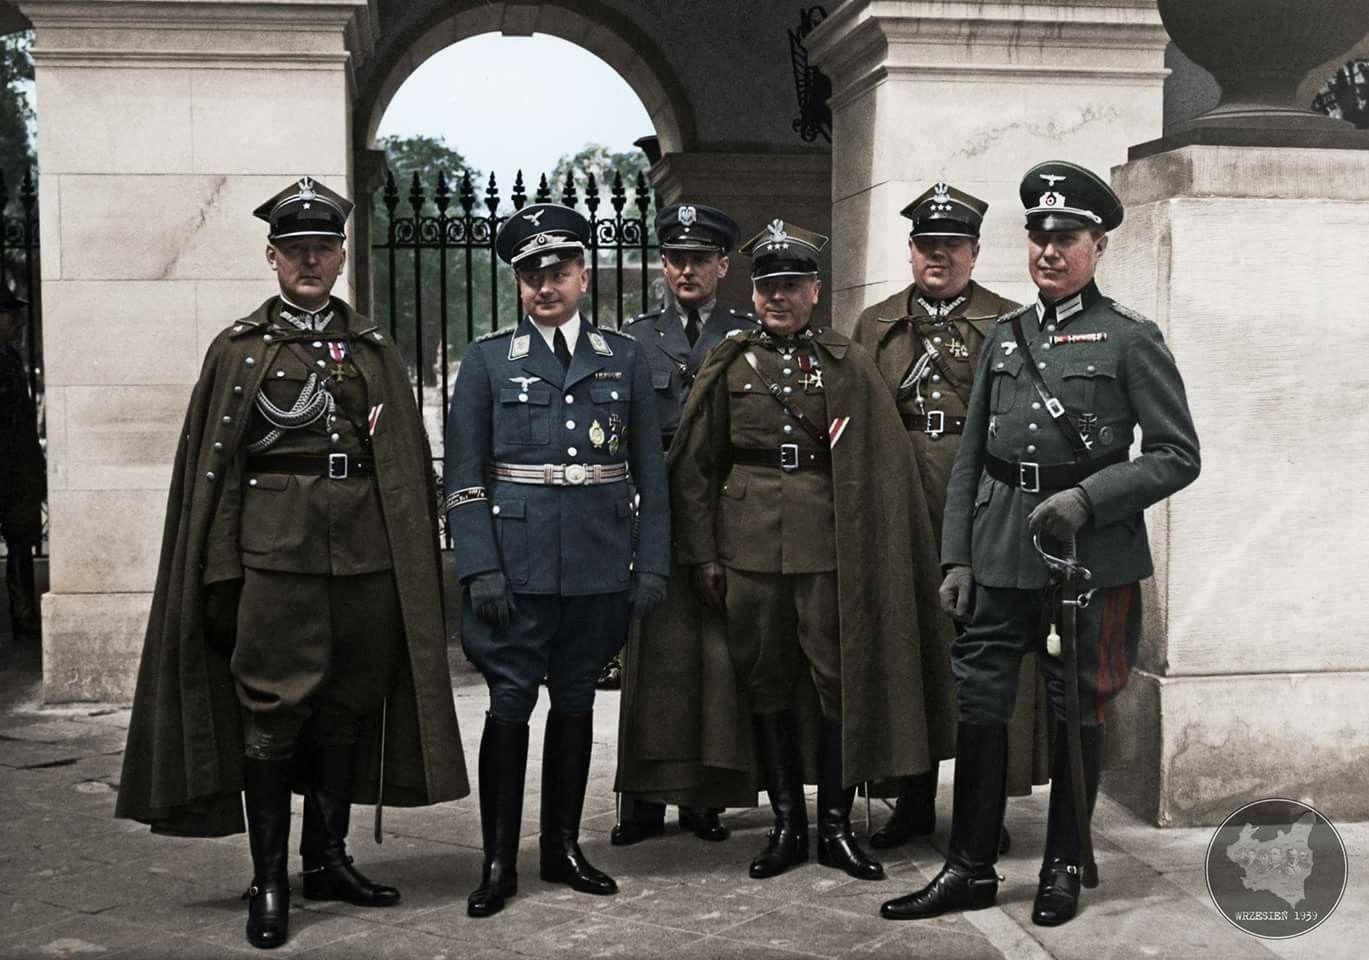 ppk von Gerstenberg w mundurze Luftwaffe wraz